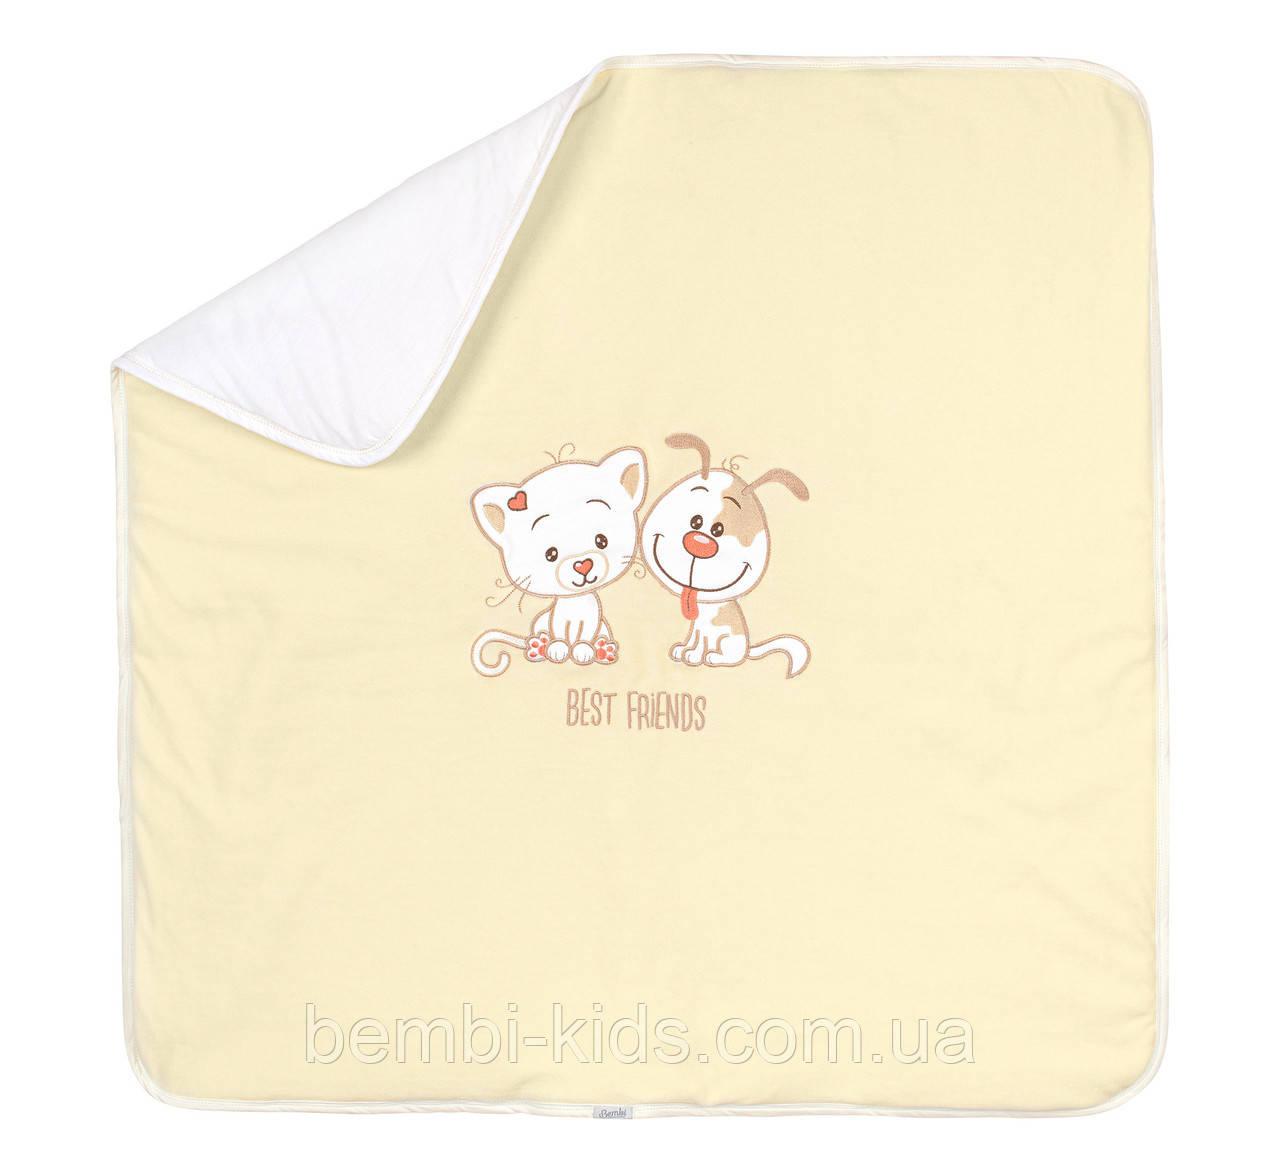 ОД14. Детское велюровое одеяло. Размер 90*90